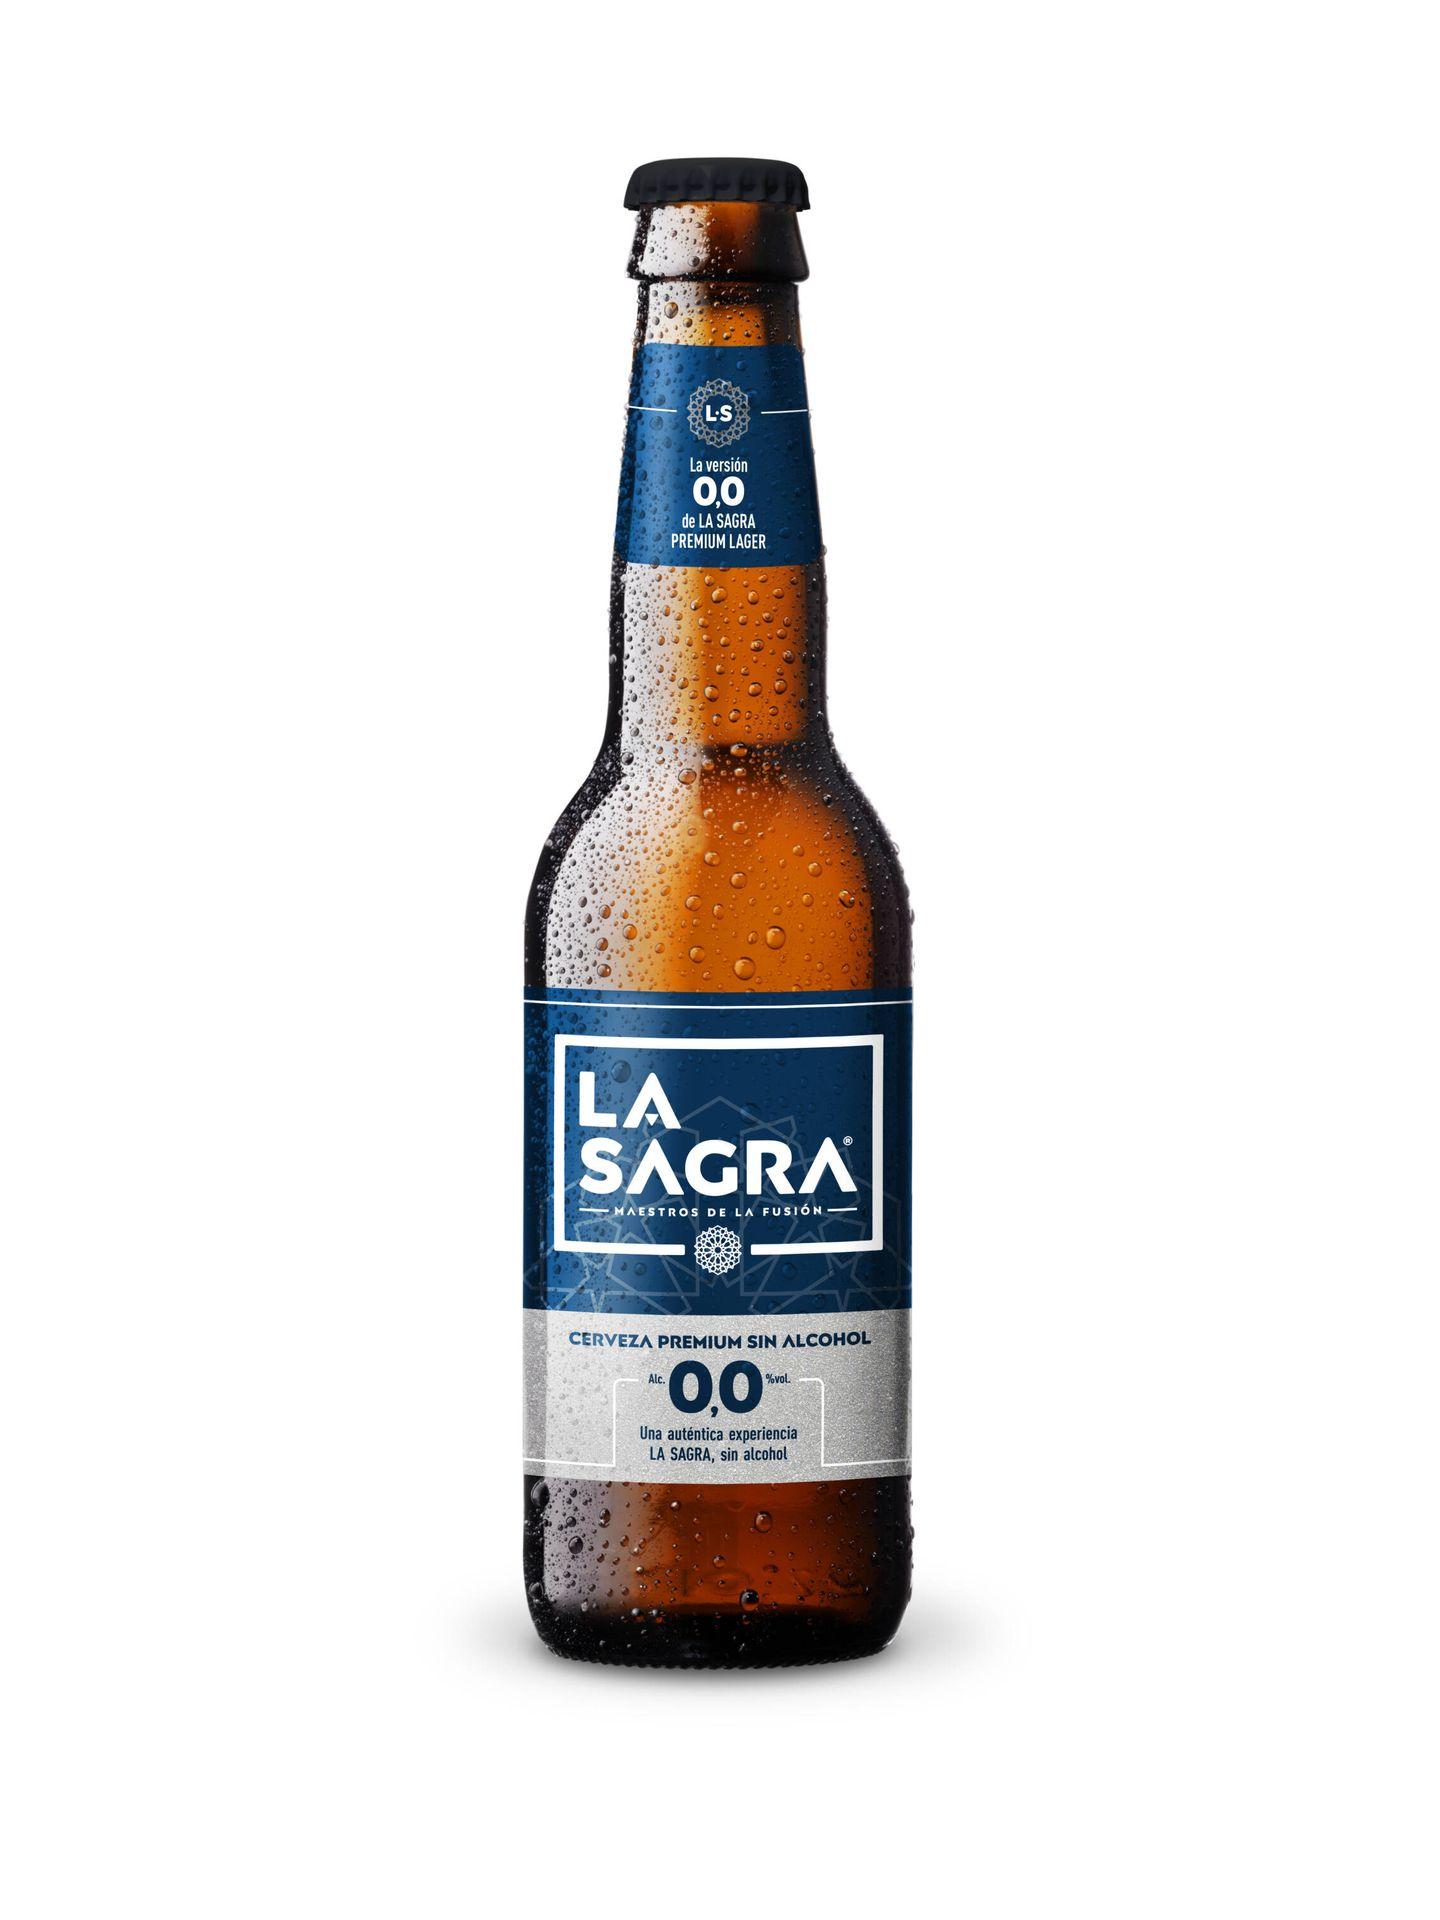 La Sagra